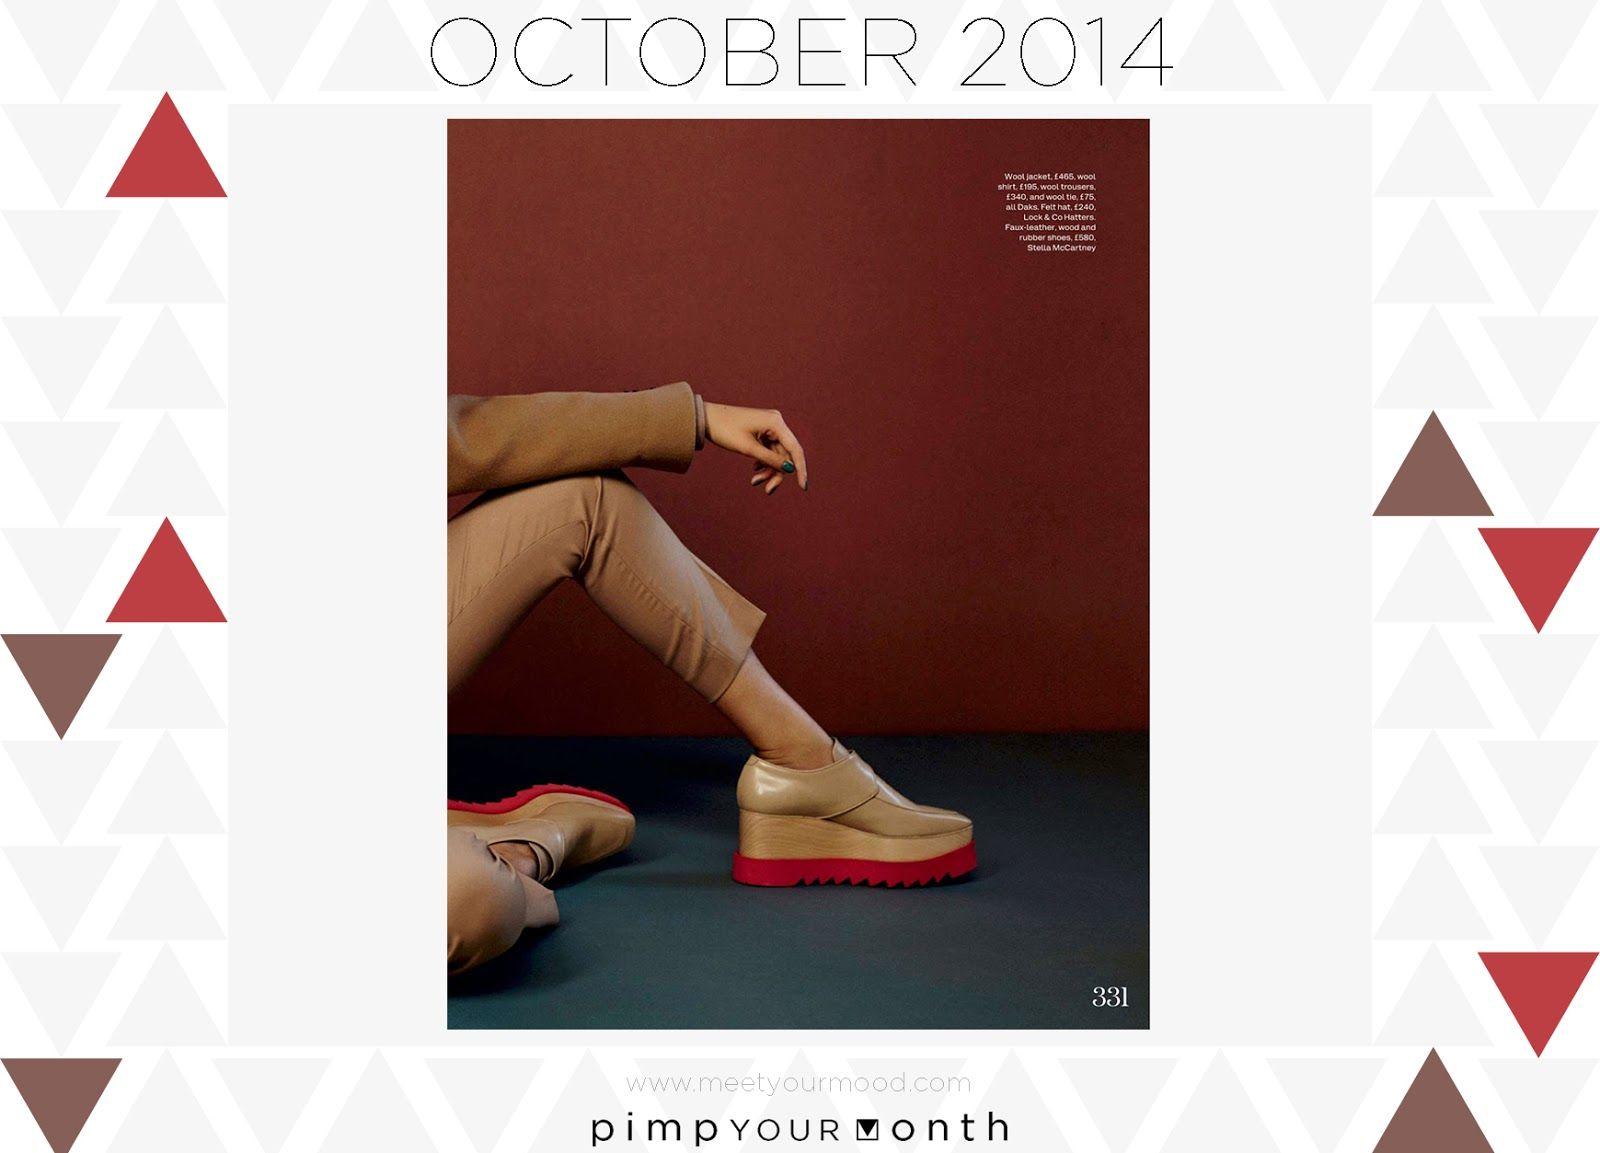 Pimp your OCTOBER in Cognac Brown and Aurora Red  ...avvolti da un aroma sopraffino!